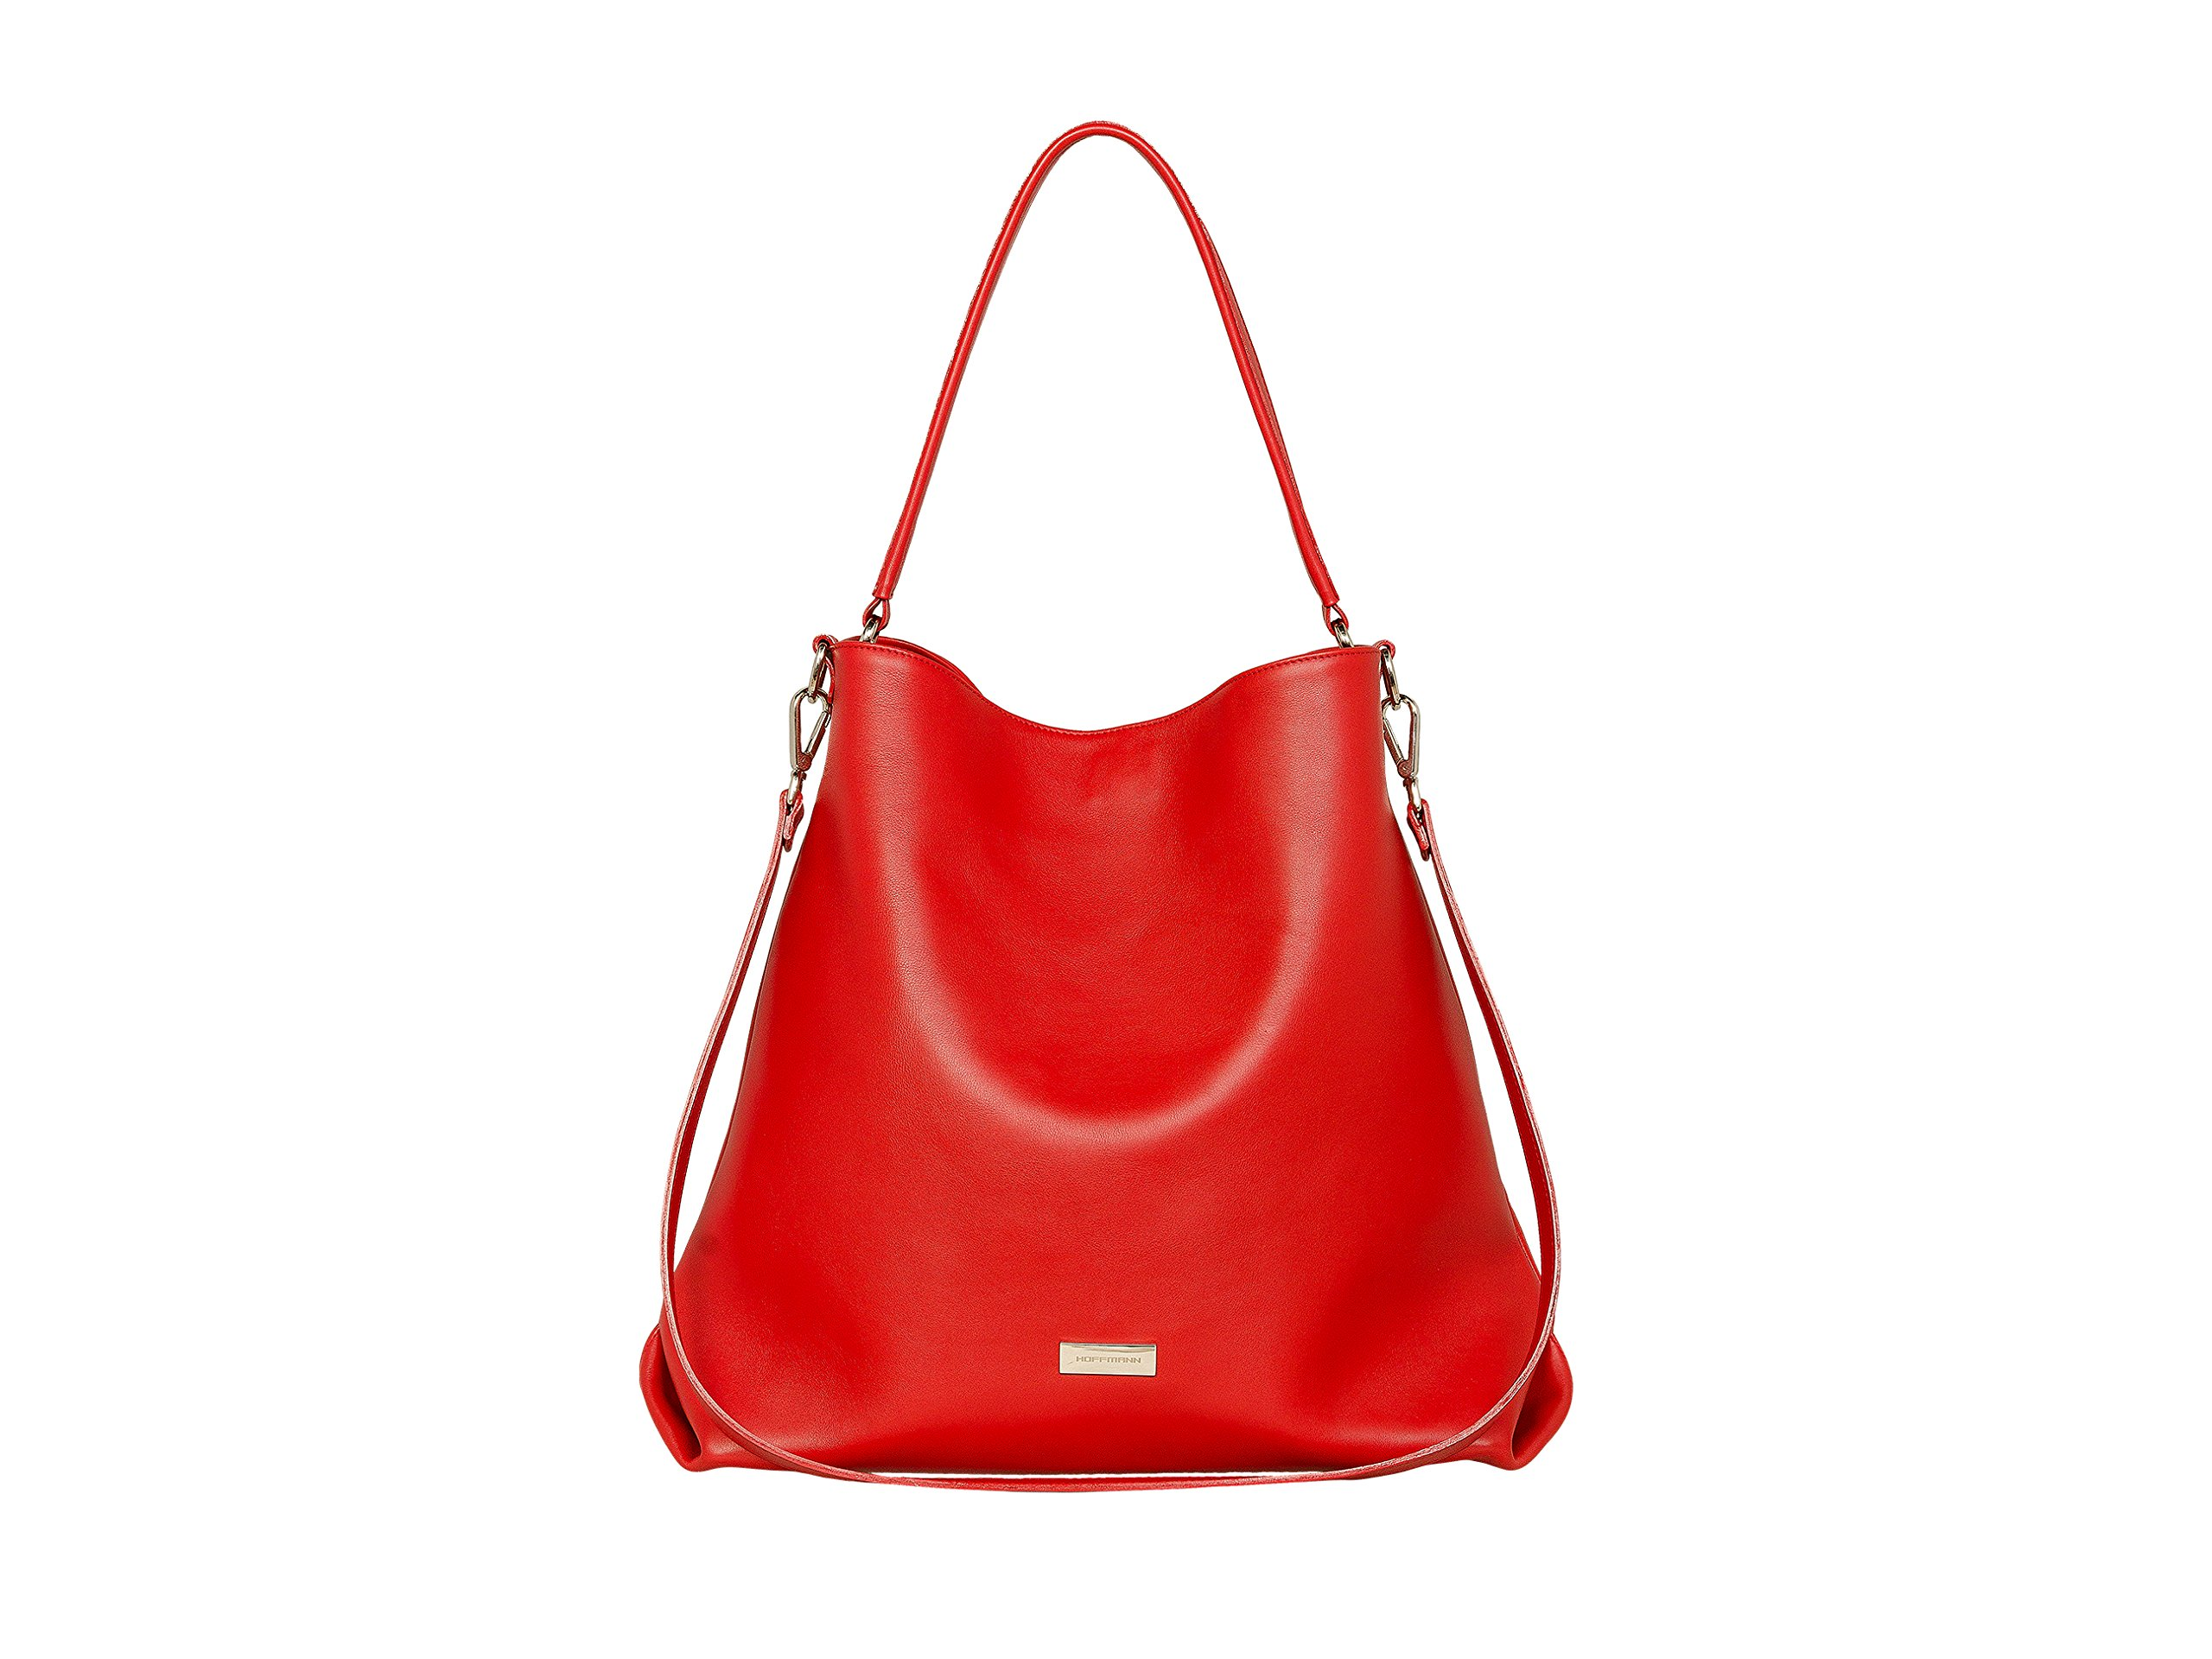 b6a3d20b84b0 Leather handbag HOFFMANN Noble handmade women shoulder bag oversize ...